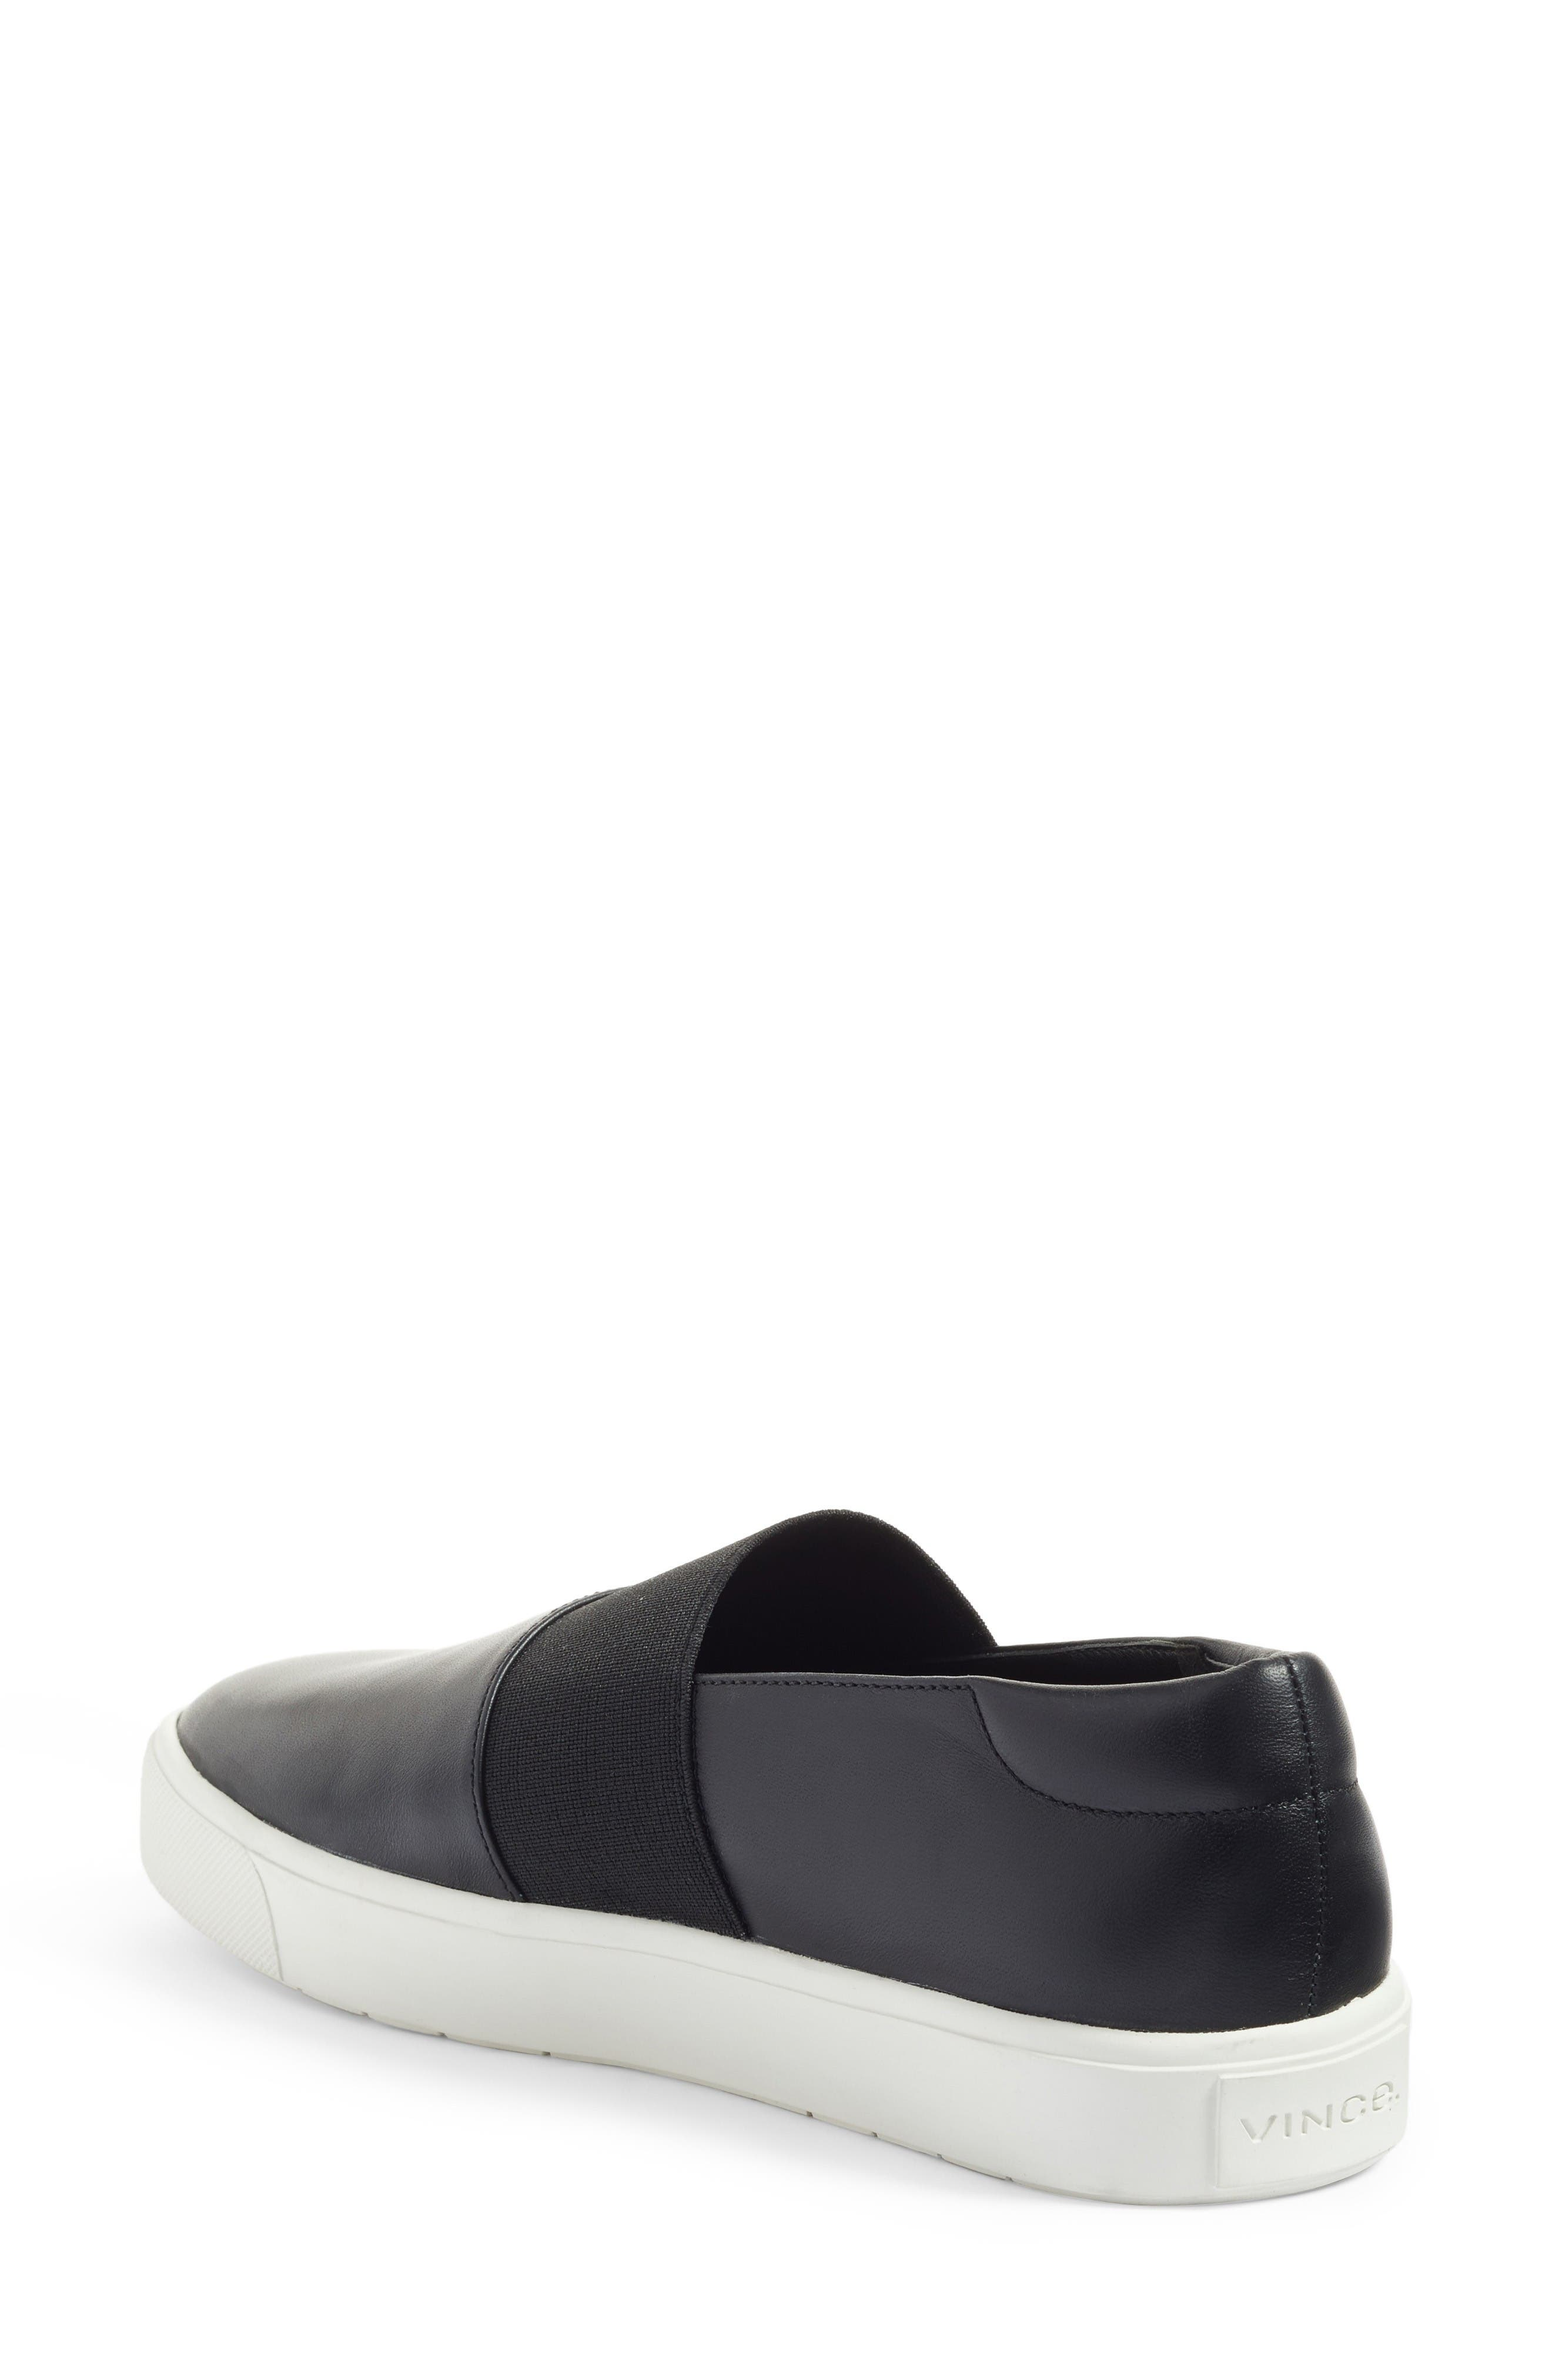 Alternate Image 2  - Vince Corbin Slip-On Sneaker (Women)